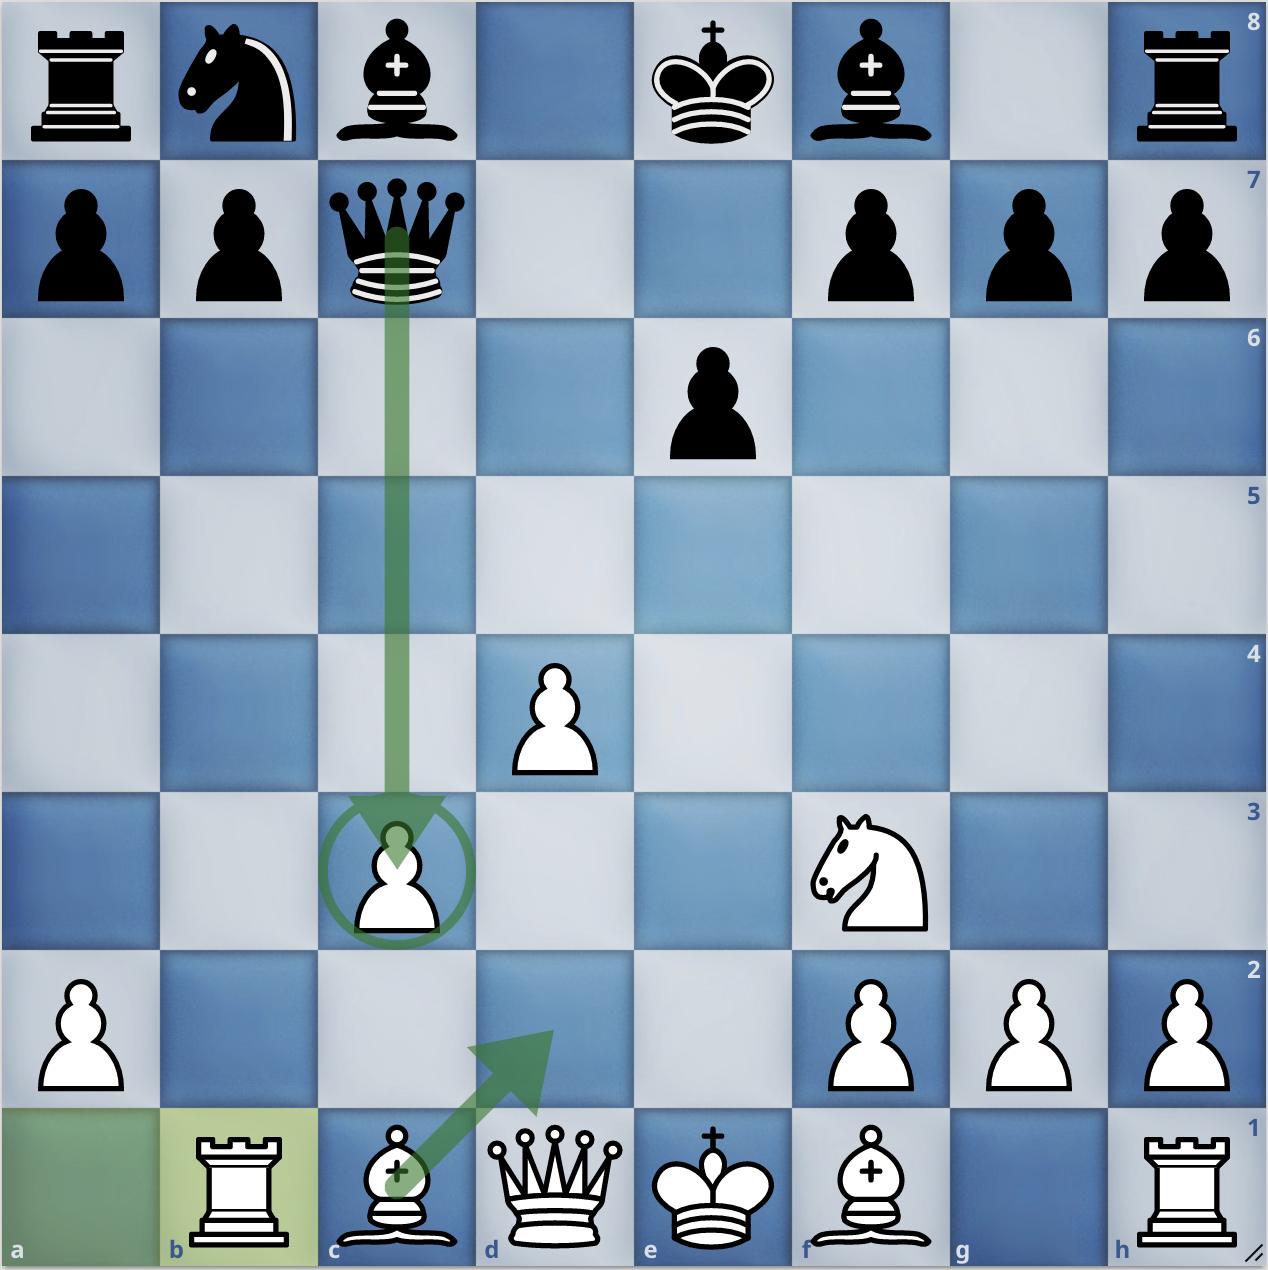 Carlsen vừa đi 8.Rb1, bỏ tốt c3. Nhưng Đen chưa dàm dùng hậu bắt tốt c3 vì Trắng sẽ lên tượng d2, sau đó có thể phát triển tượng lên d3. Trắng sẽ bù trừ tốt bằng khả năng triển khai quân.